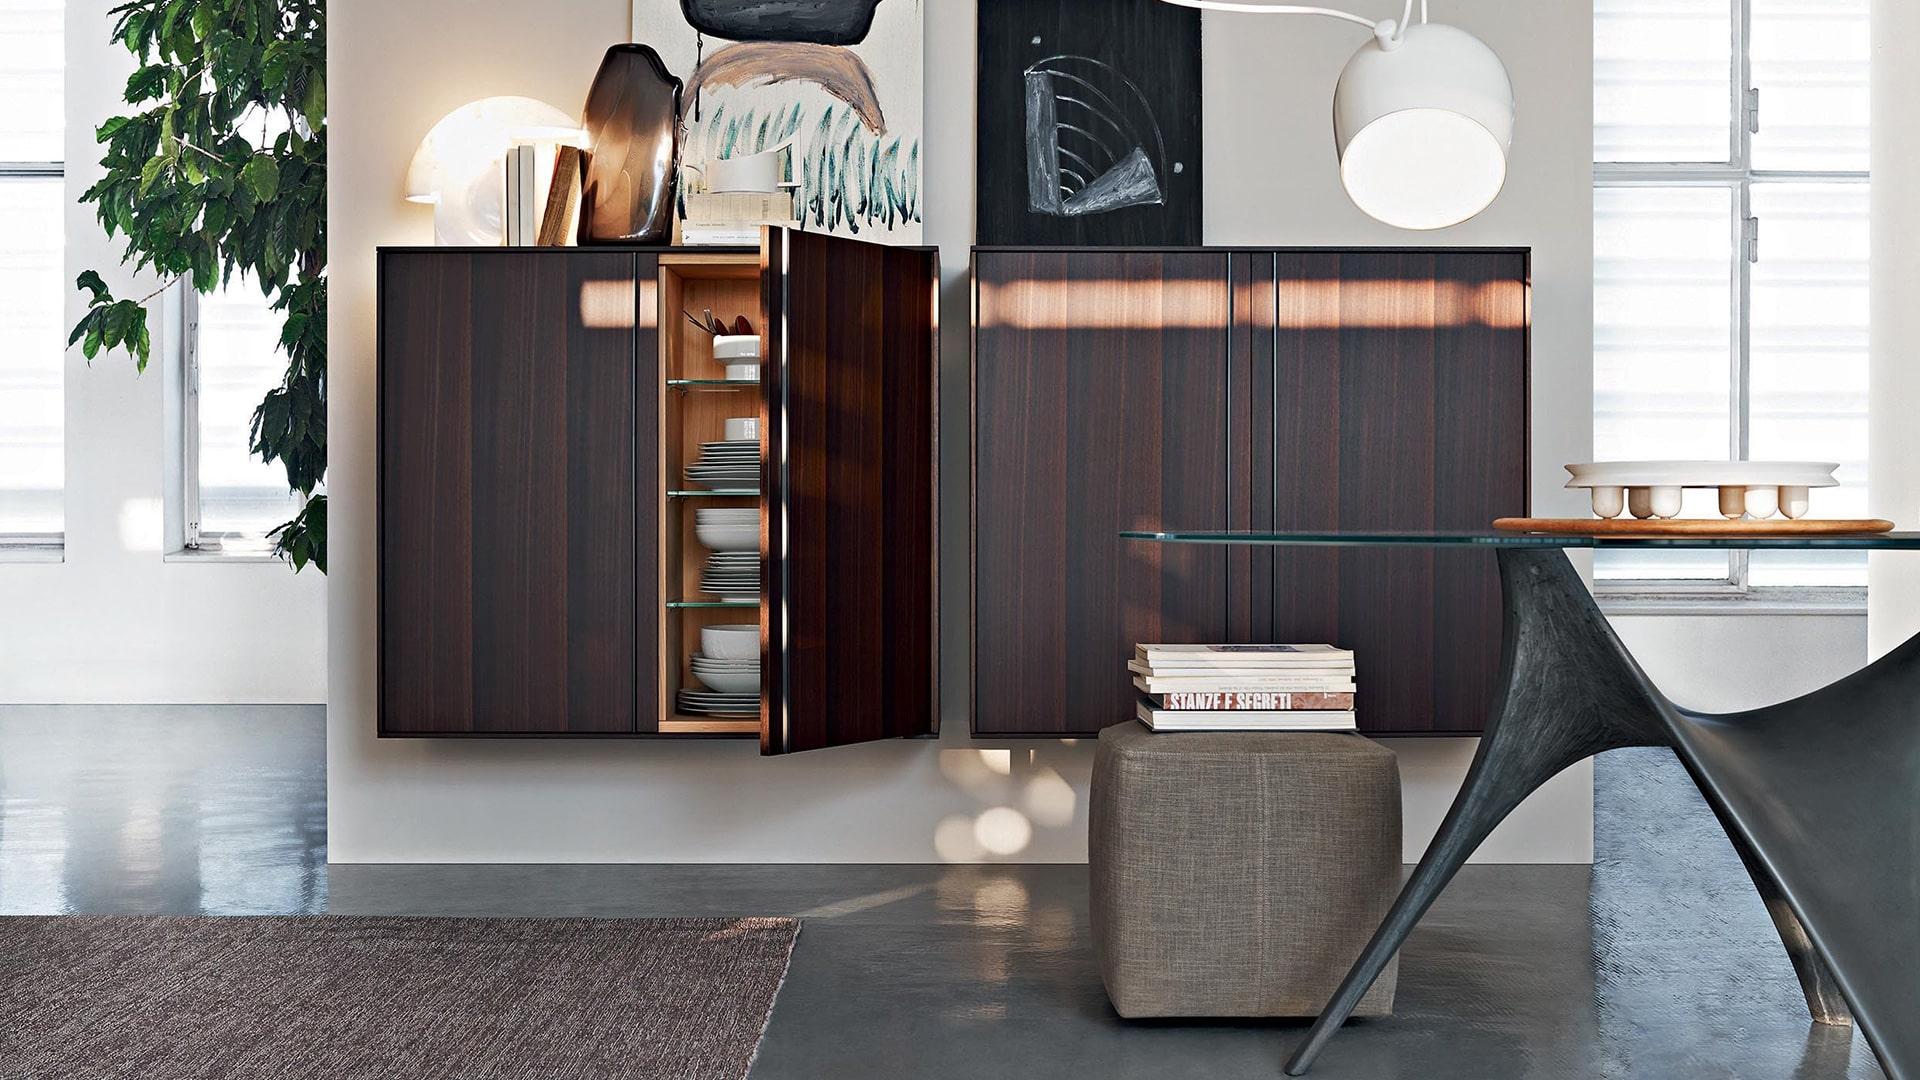 arredamento-studio-interior-design-lusso-home-office-lecce-brindisi-taranto